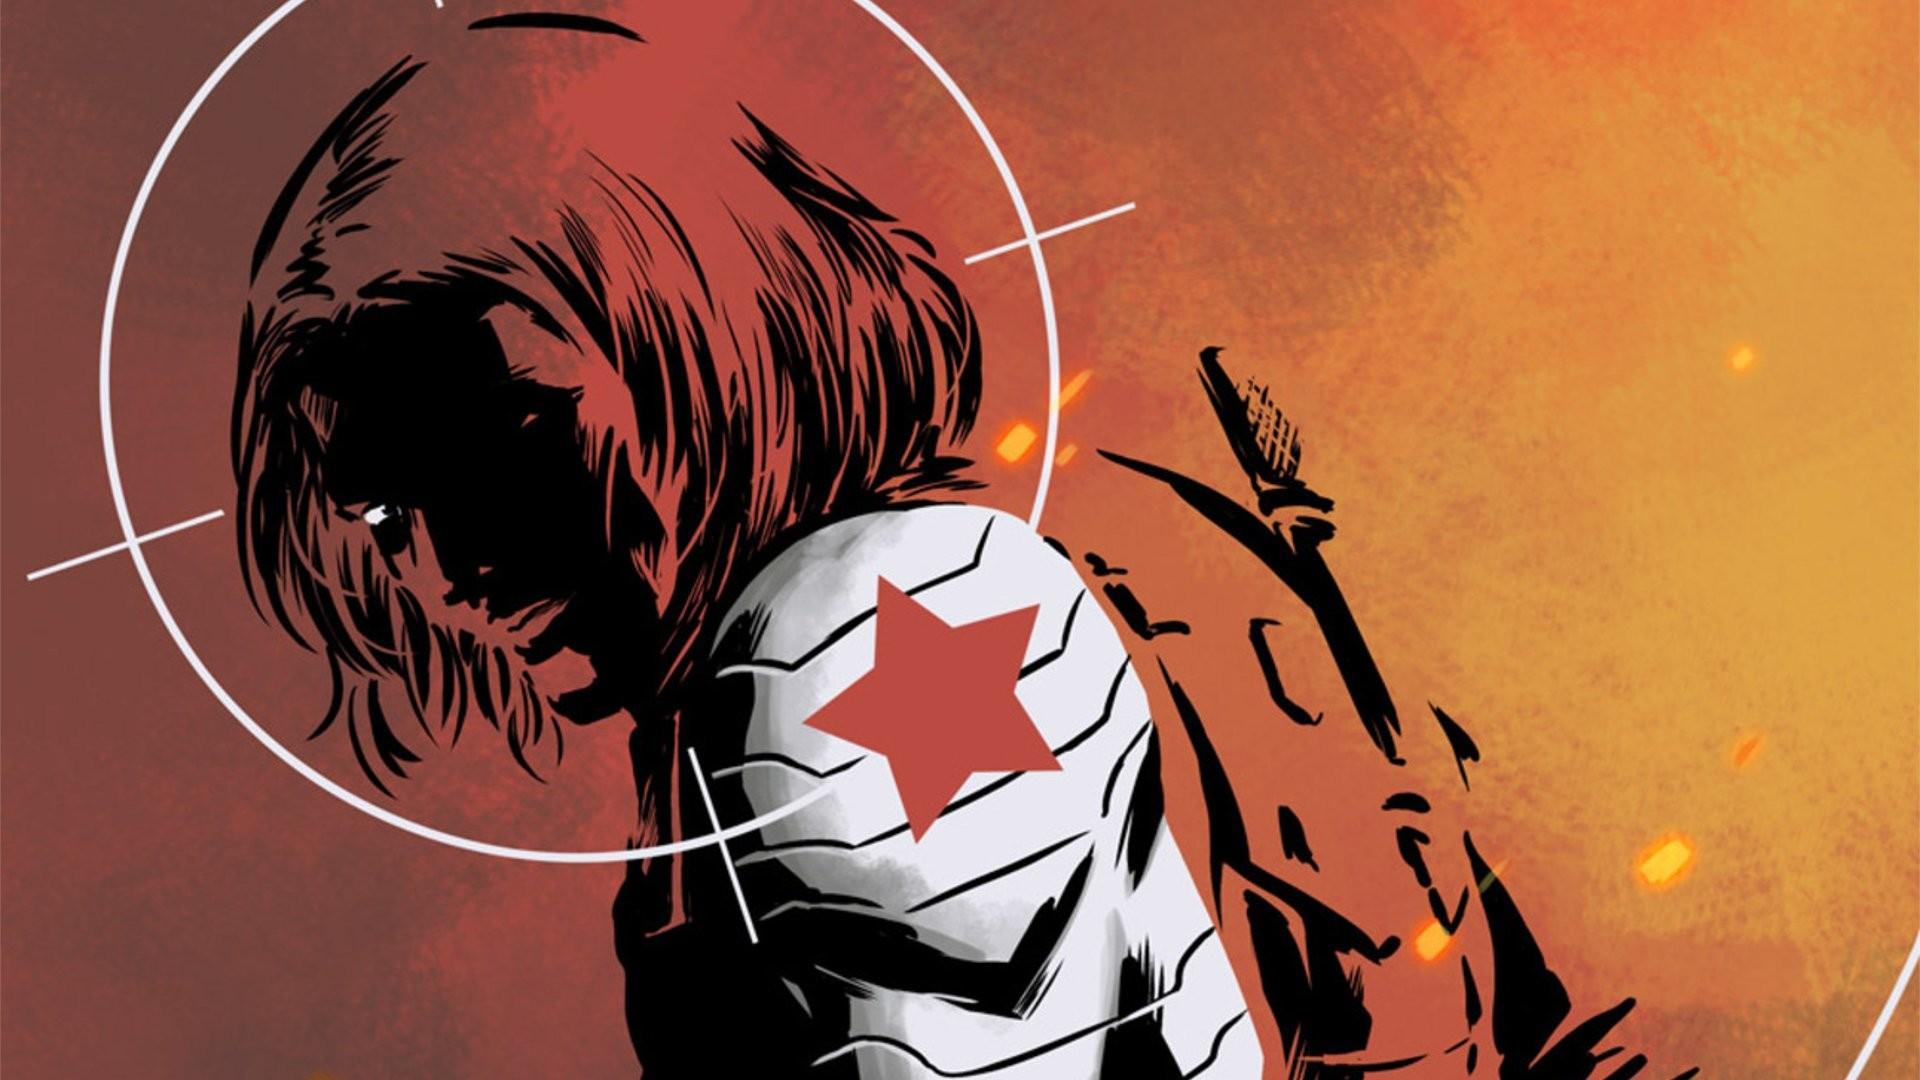 Comics – Winter Soldier Marvel Comics Bucky Barnes Wallpaper